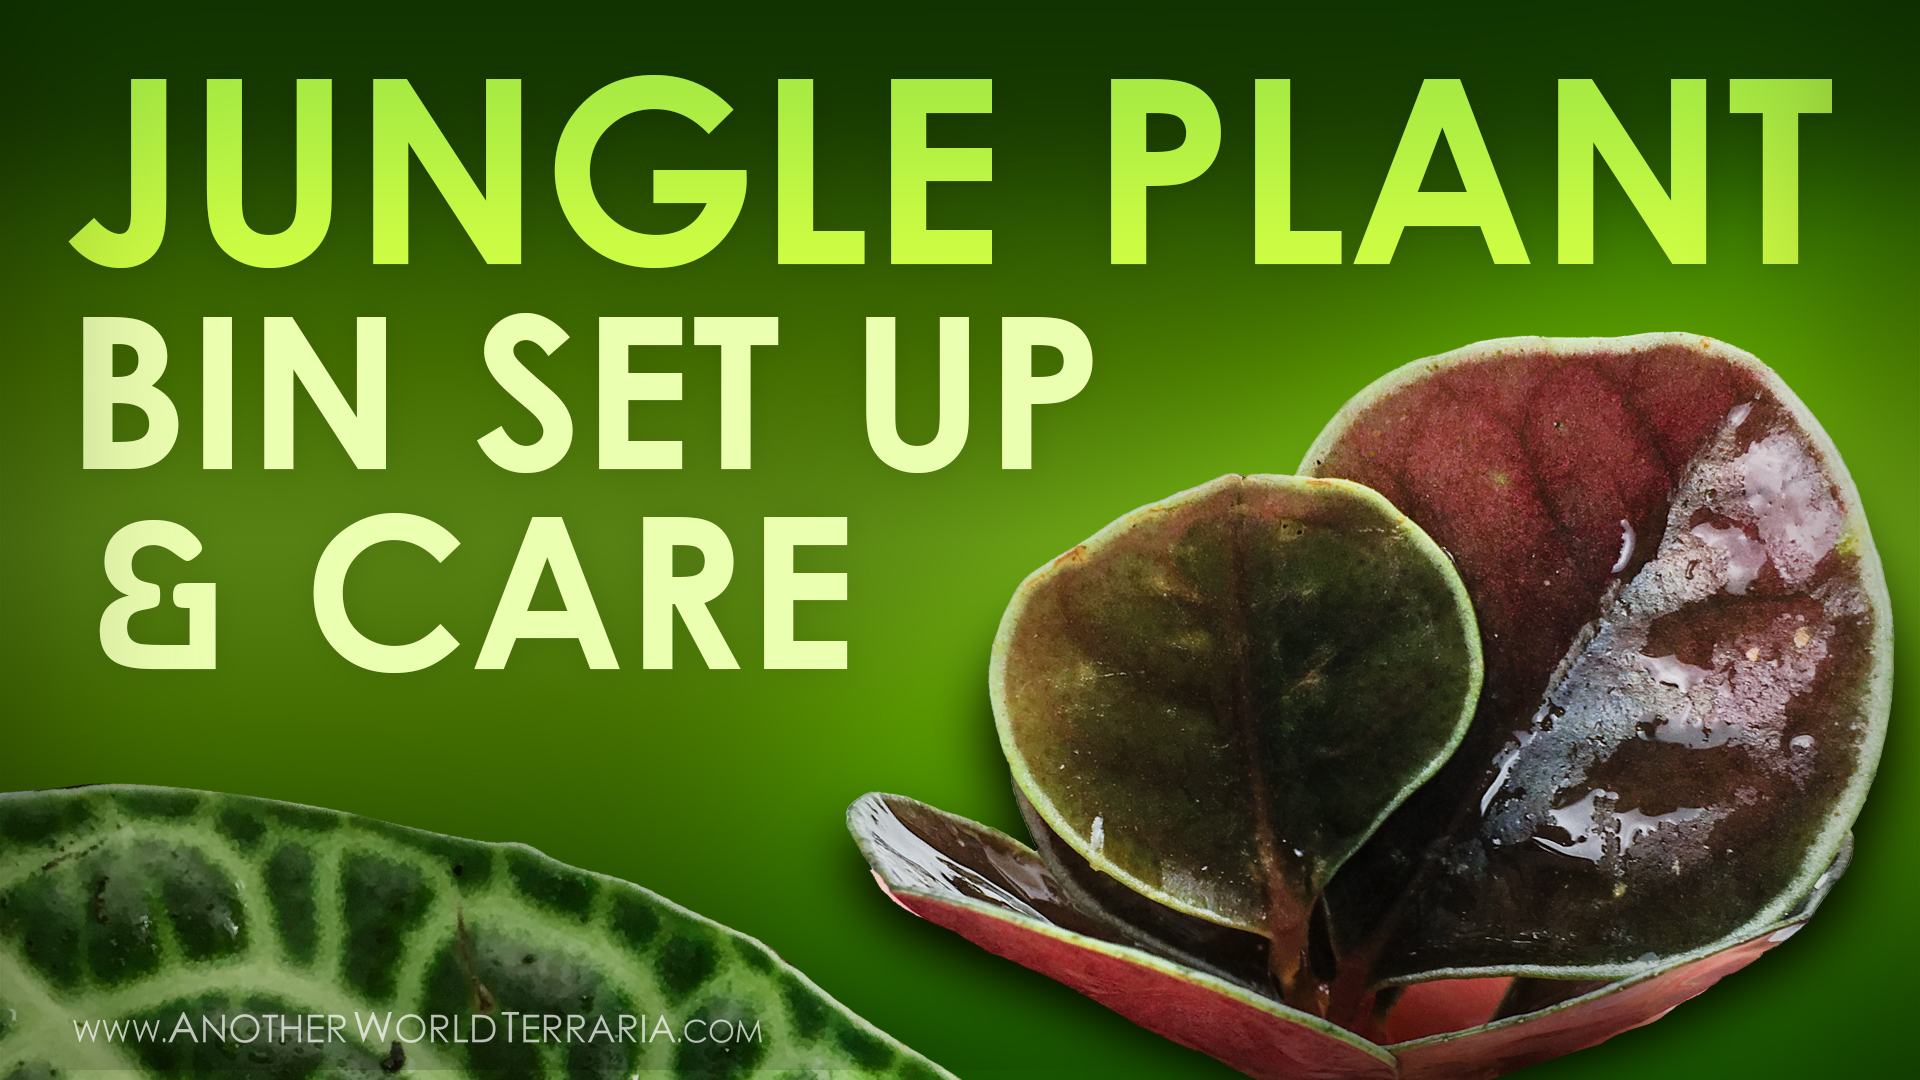 Jungle Plant Bin Setup and Care